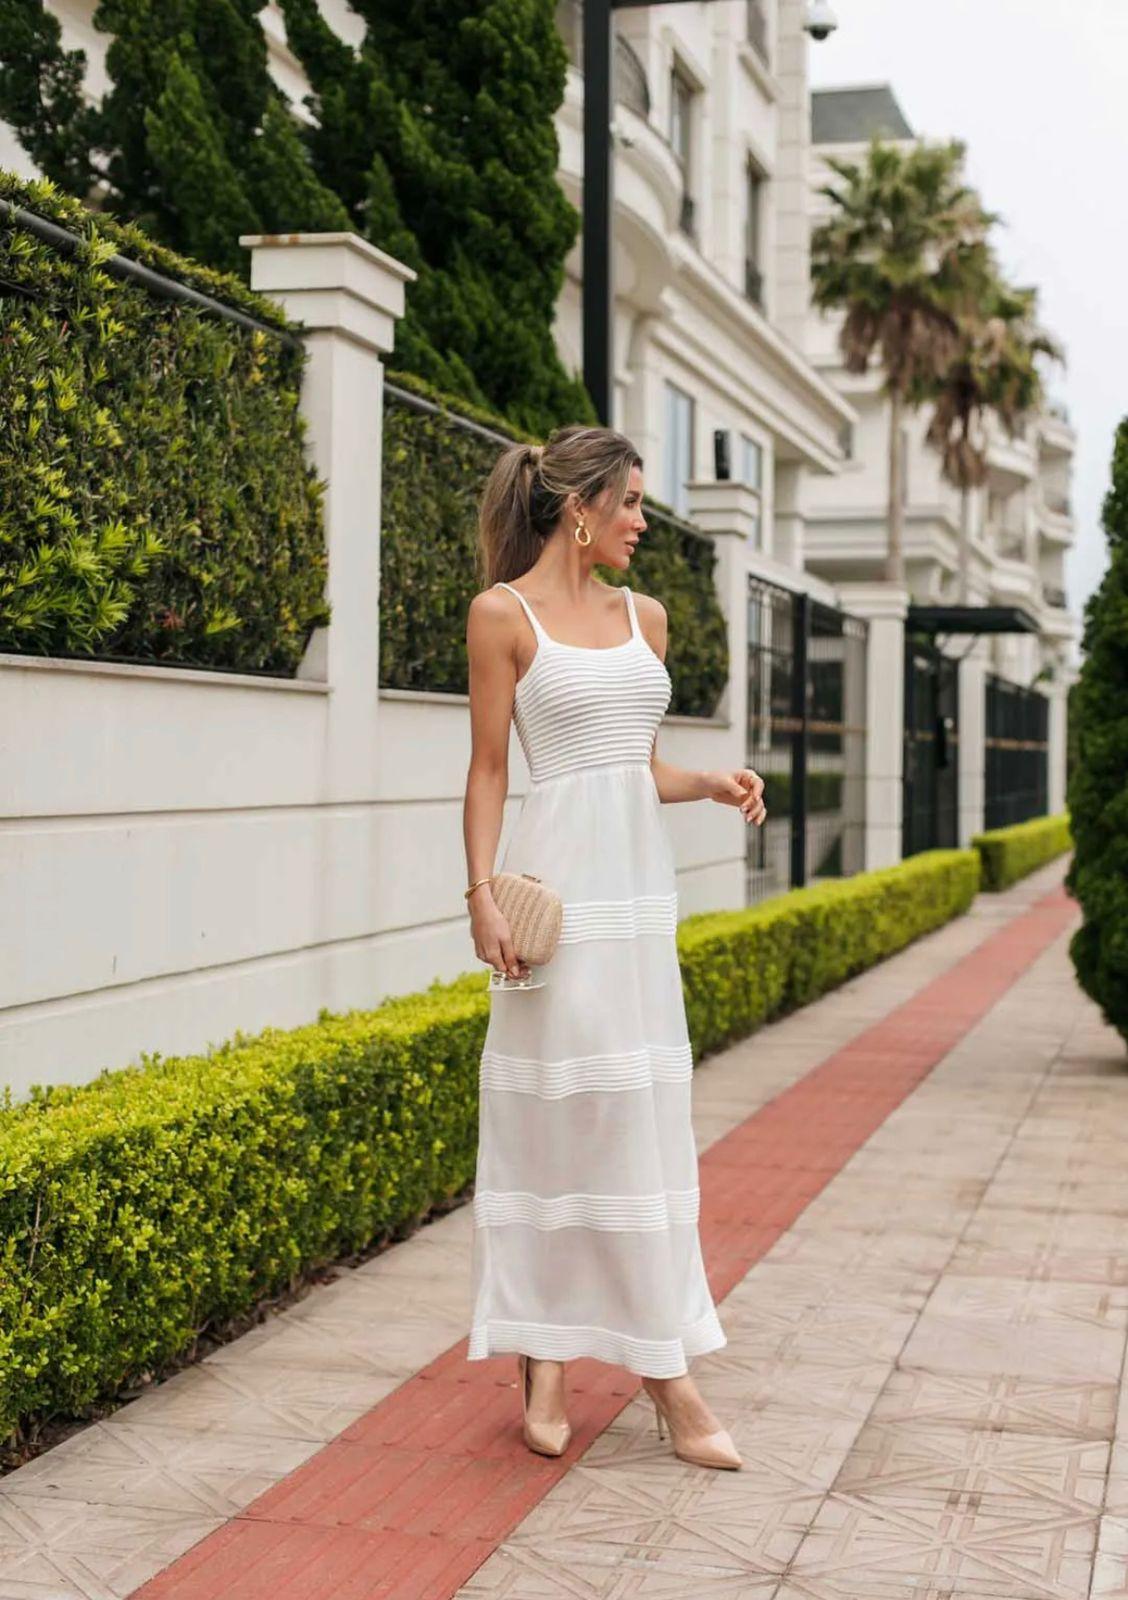 Vestido de Tricot Modal Longo de Alças Branco